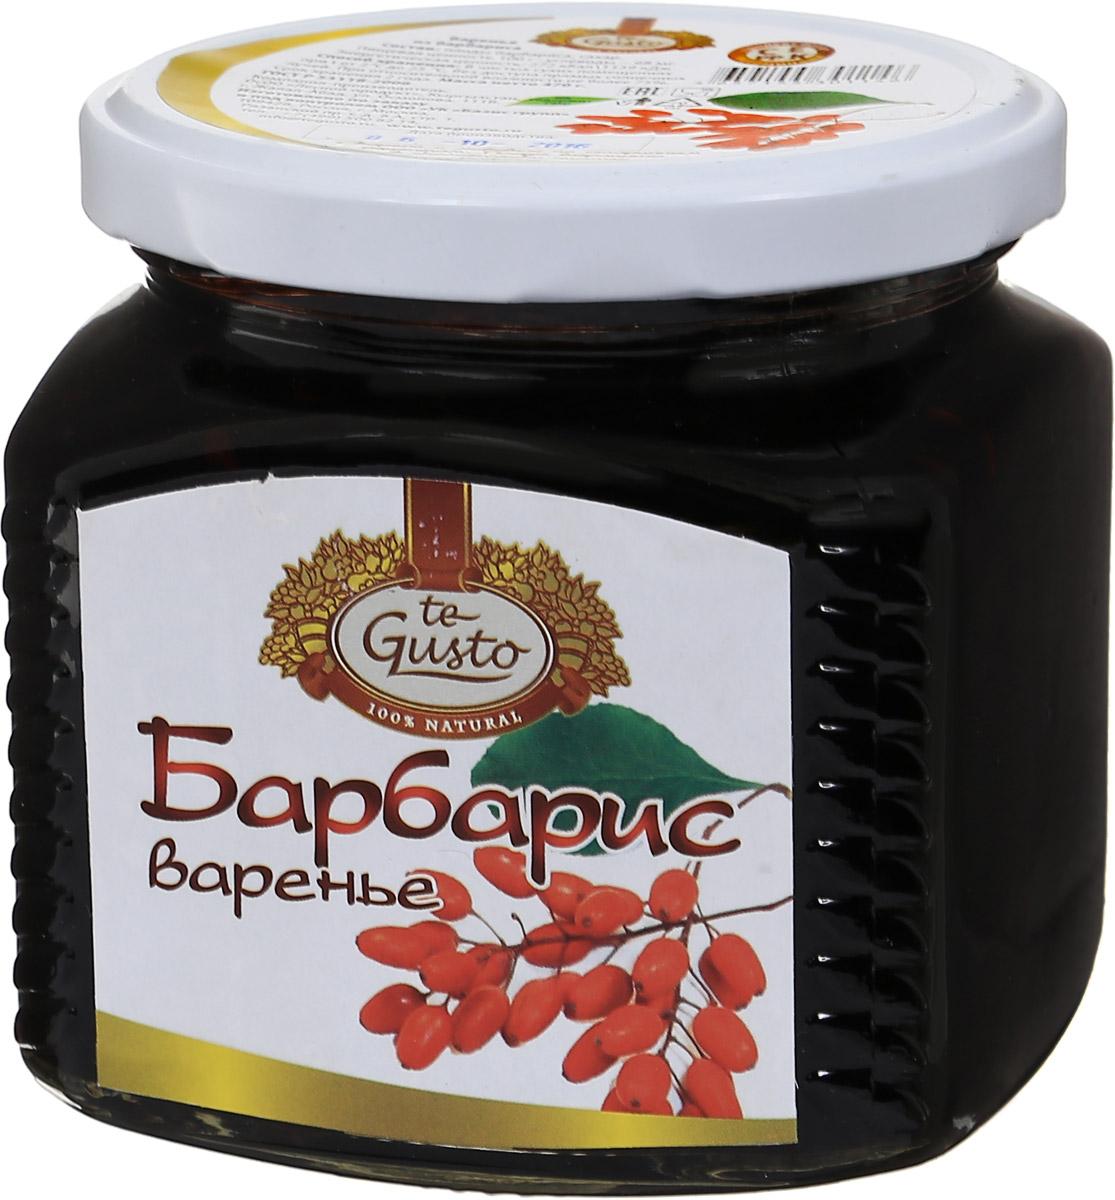 te Gusto Варенье из барбариса, 470 г4657155301146Барбарис - уникальное растение, которое славится не только своим ароматом, но и полезными свойствами. Ягоды барбариса - это кладезь витамина С, аскорбиновой, яблочной и лимонной кислоты. Поэтому употребление продуктов на основе барбариса поможет при снятии жара и для остановки кровотечения. Если у вас наблюдается заболевание печени, мочевого пузыря, почек, то ни в коем случае не пренебрегайте столь важной для вас ягодой.